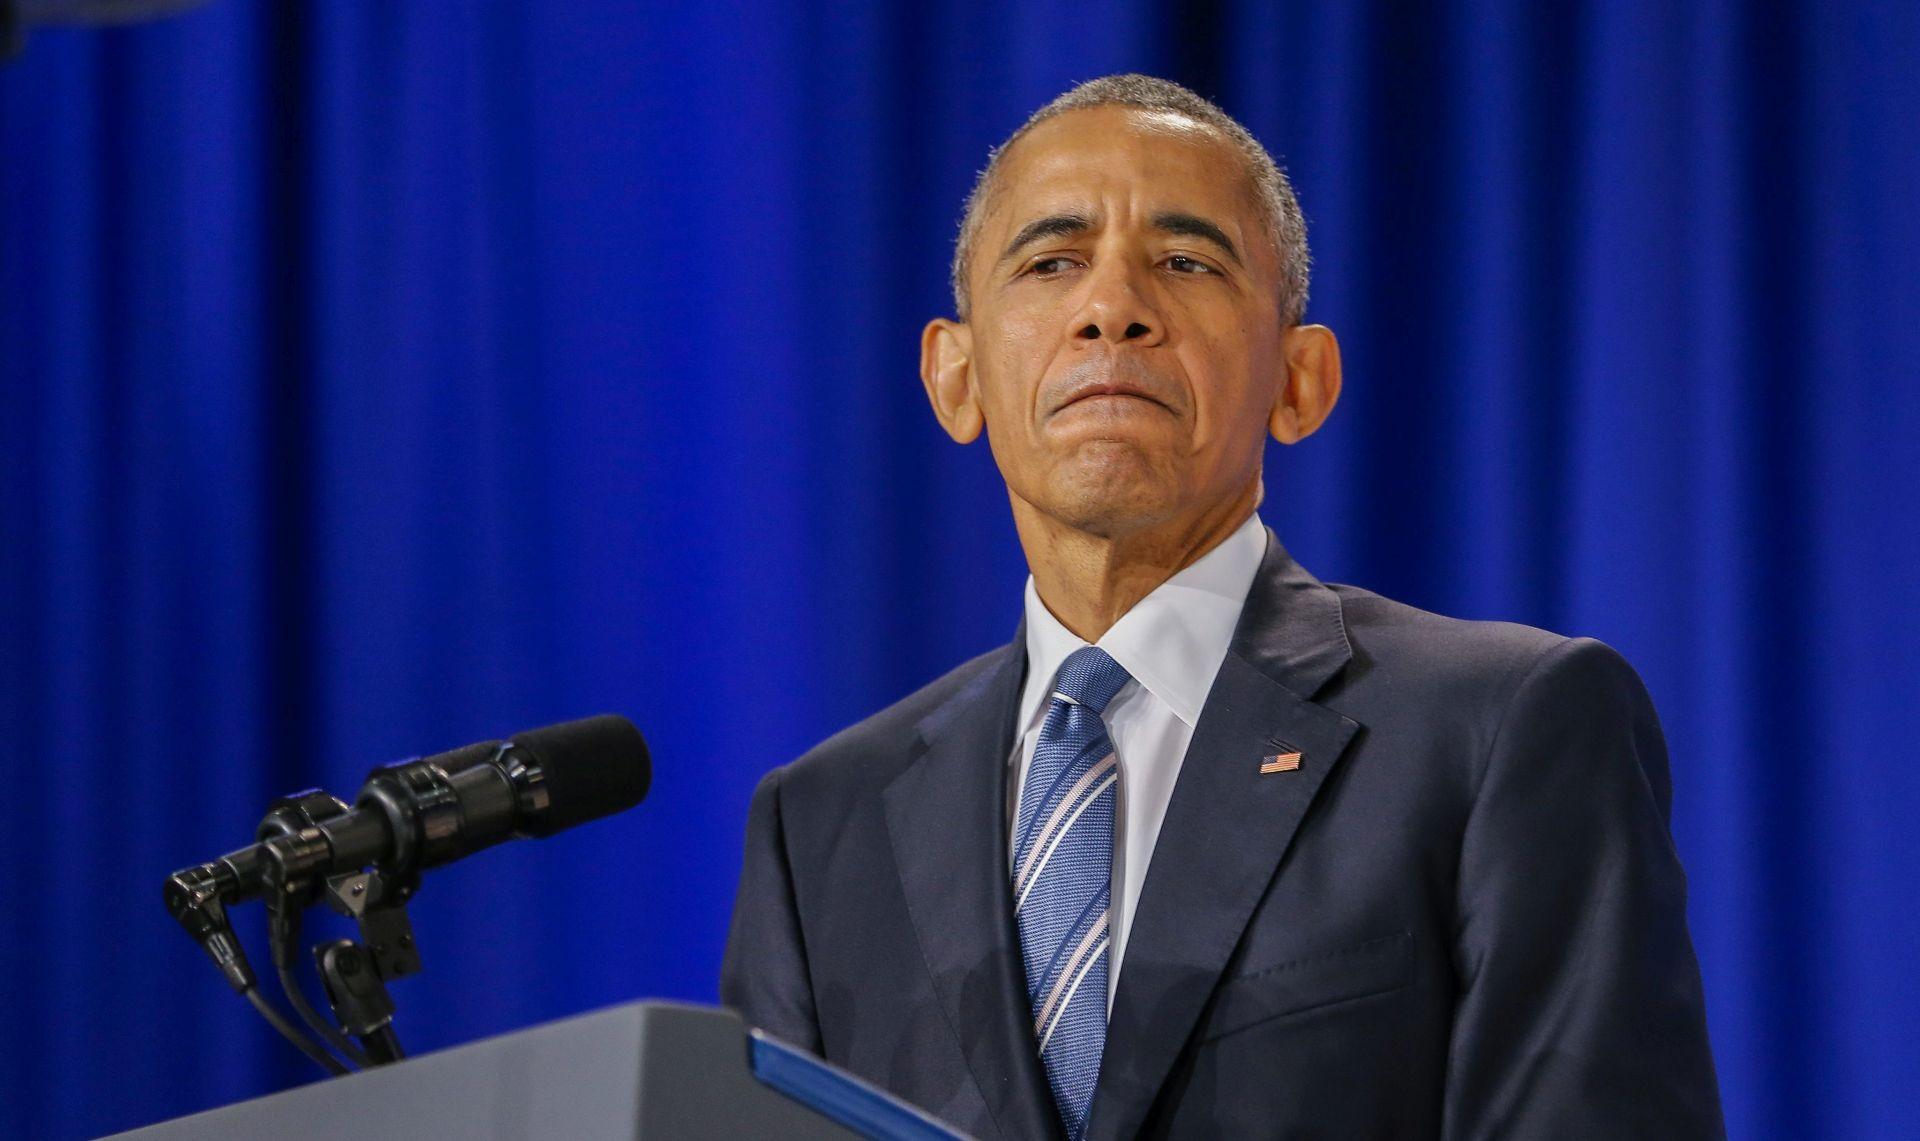 Obama optužio Trumpa da potkopava američku demokraciju